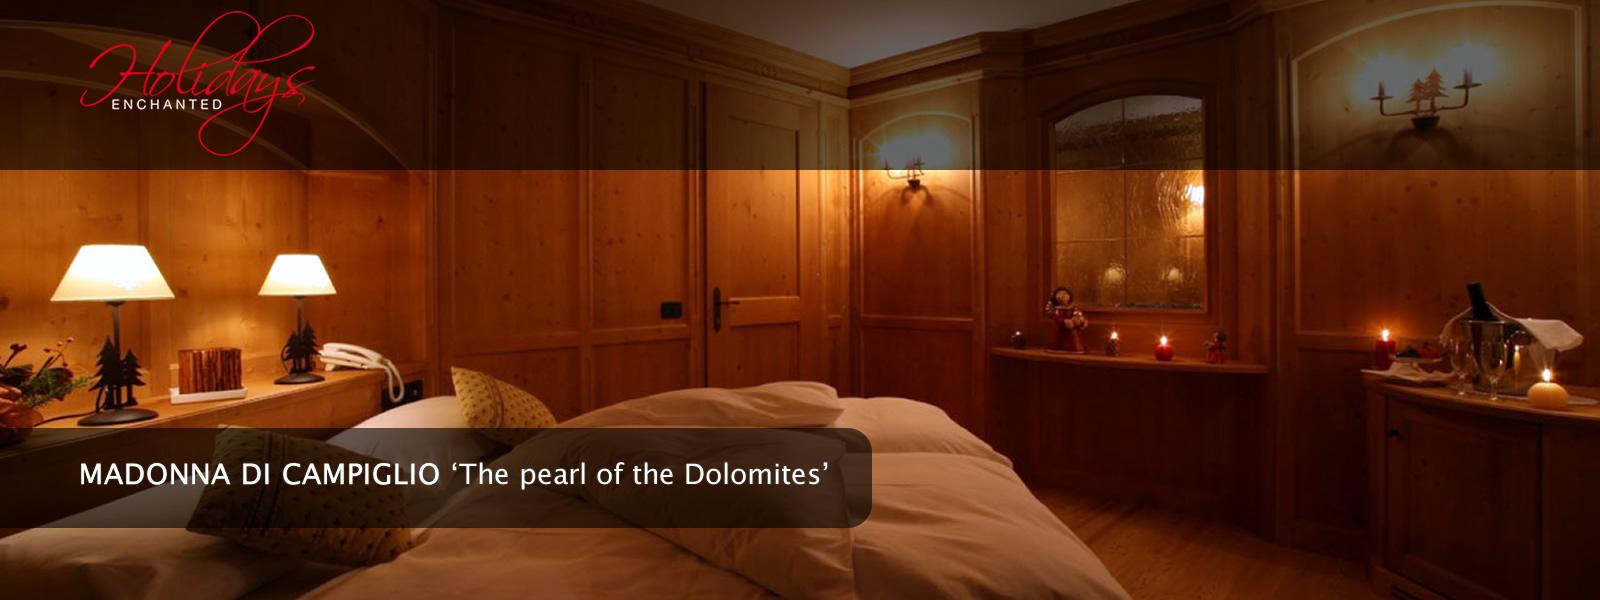 Luxury Suite at Alpen Suite Hotel, Madonna di Campiglio